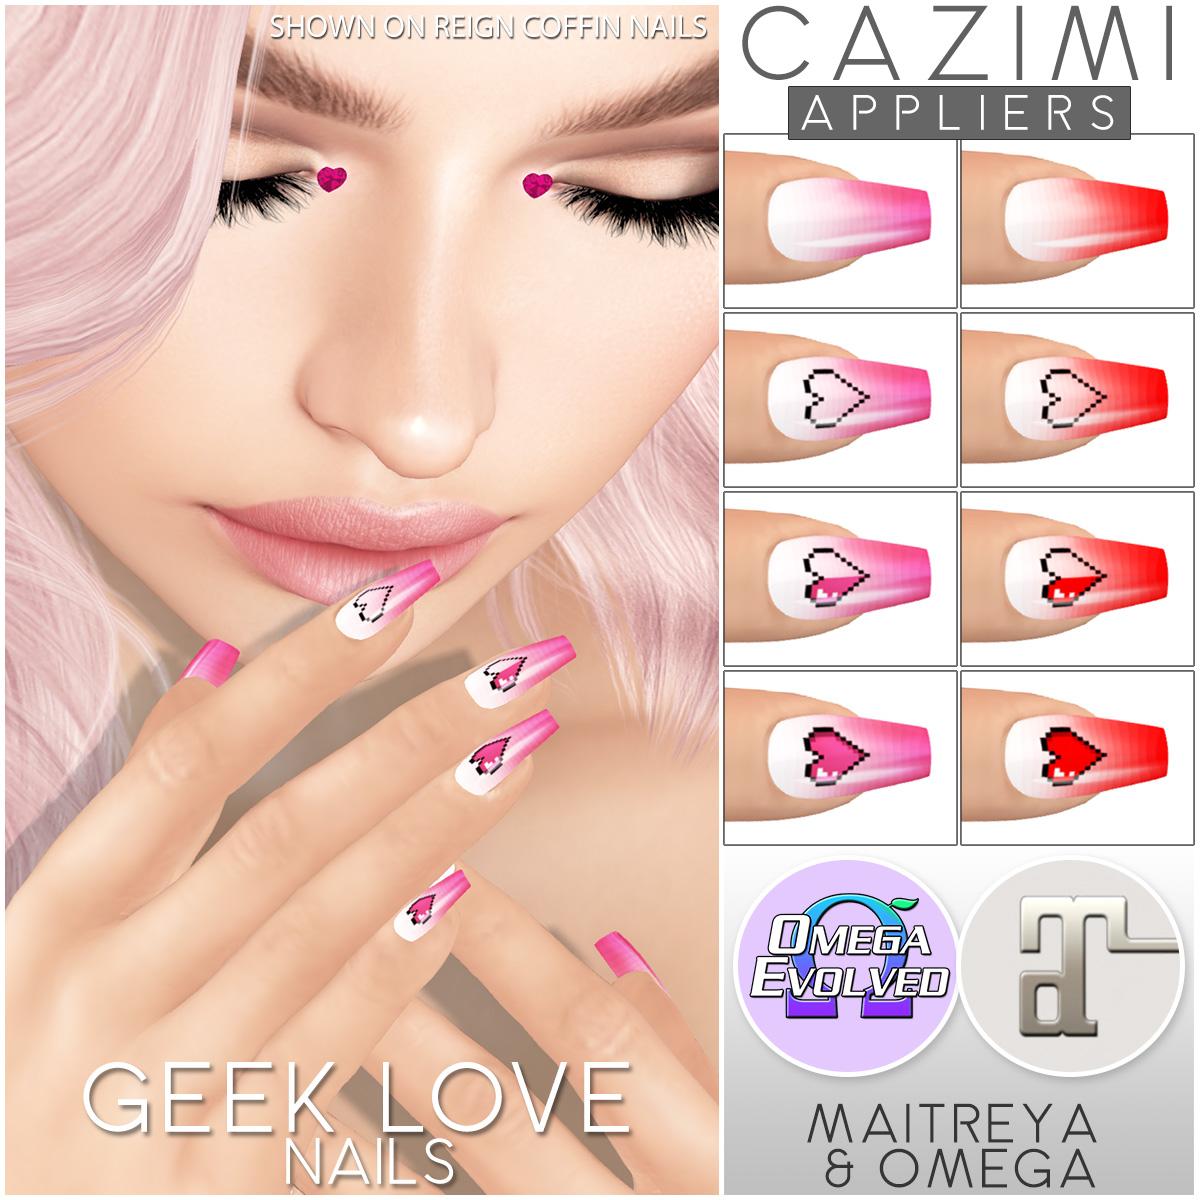 GeekLove_Nails_Ad_1x1.jpg